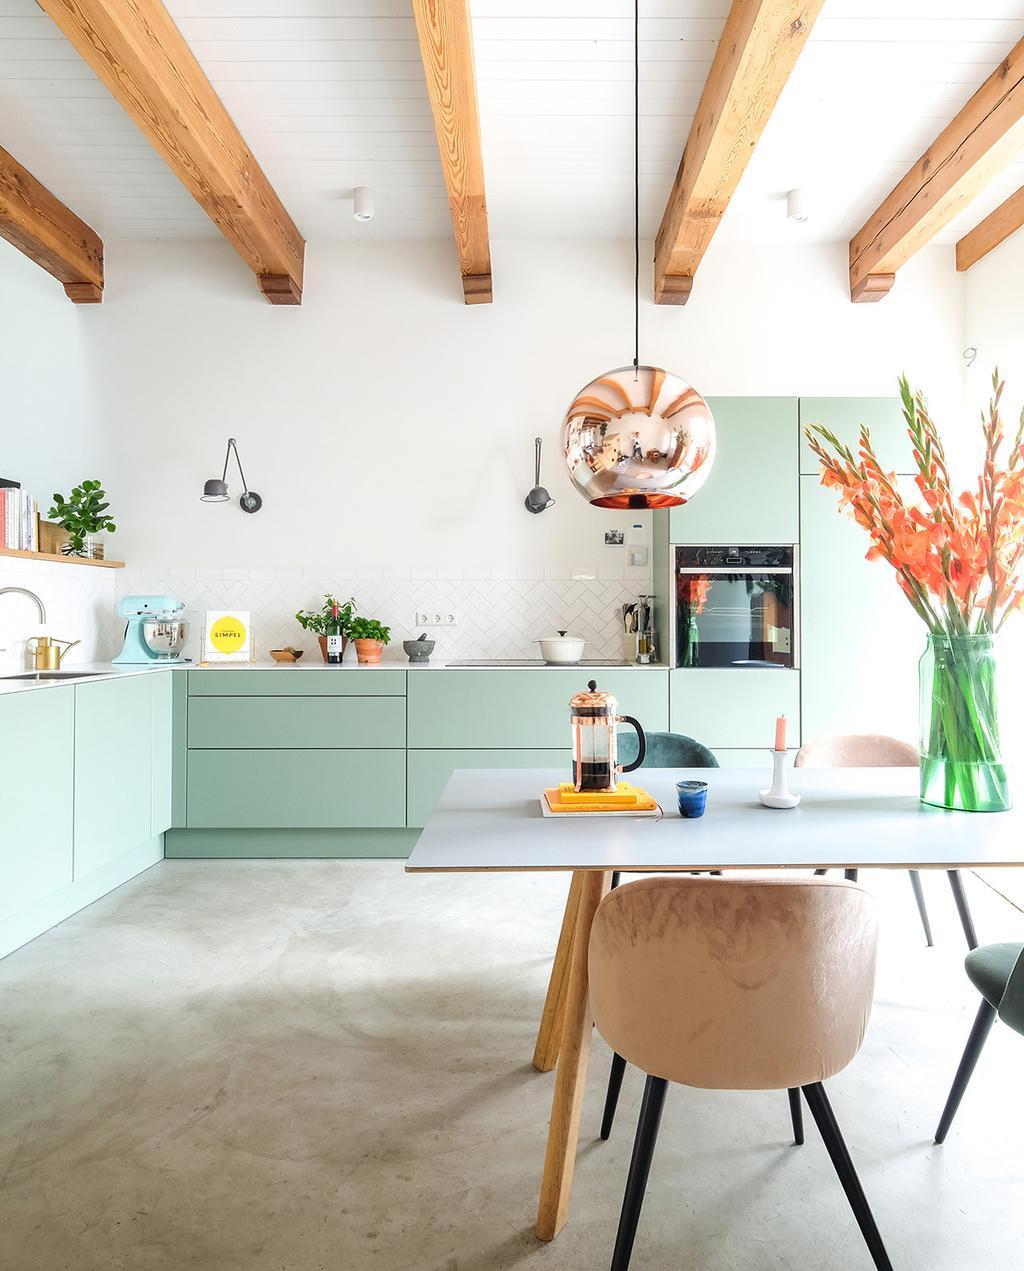 vtwonen 03-2021 | keuken met mintgroene kasten en eettafel